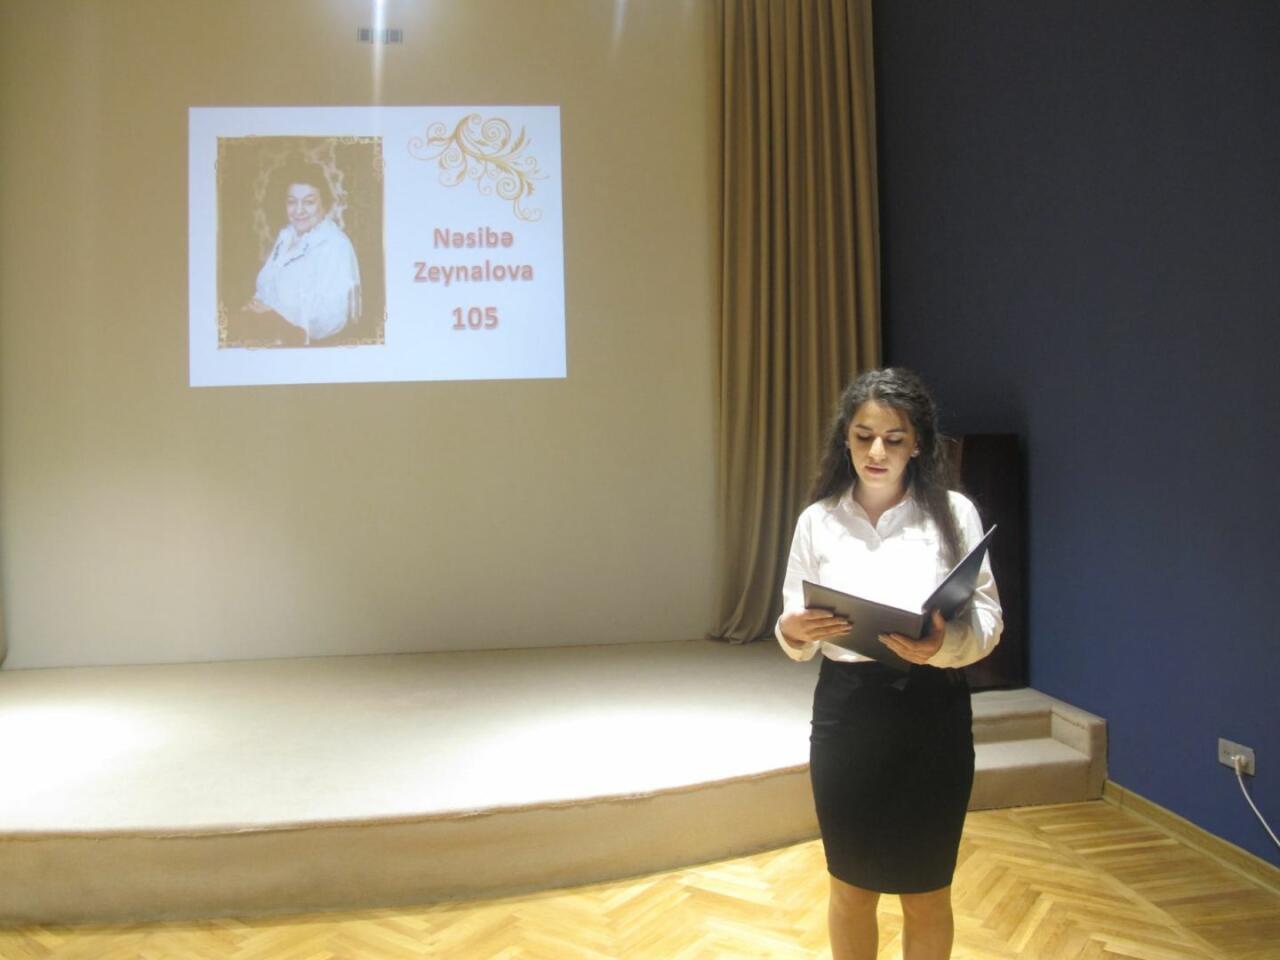 В Баку почтили память Насибы Зейналовой